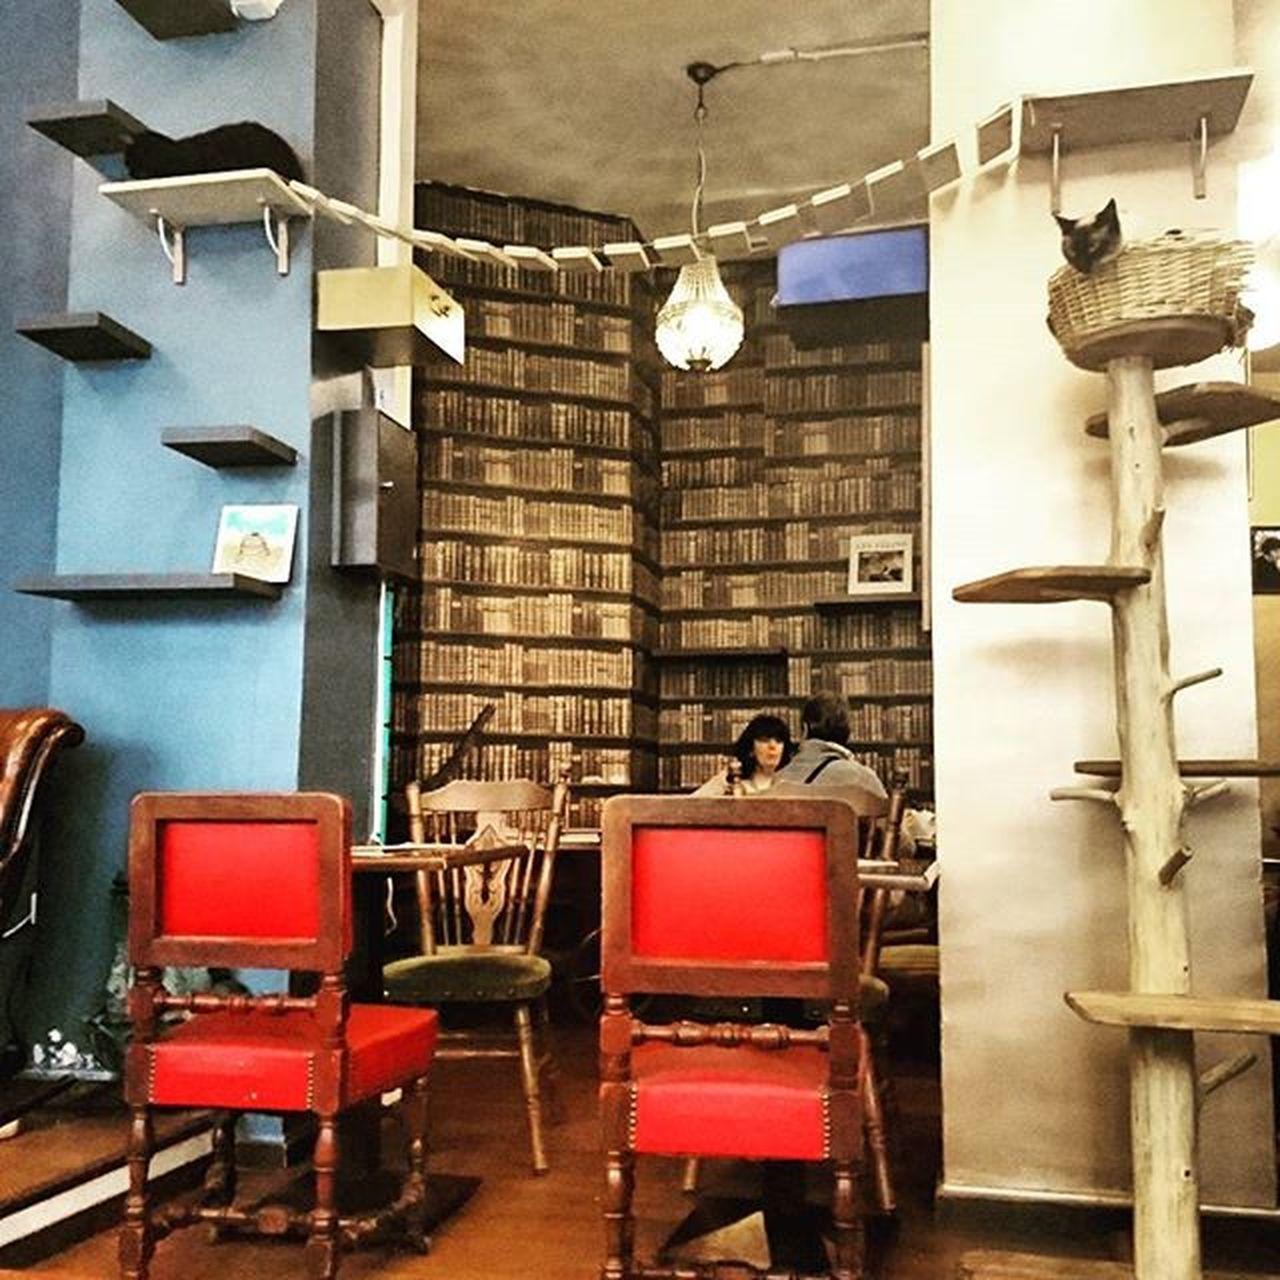 Welcome to the Cats' Café ! Cafe Chats Beaucoupdechats Tropdechats Paris Bastille VSCO Vscocam Vscocamphotos Ig_paris